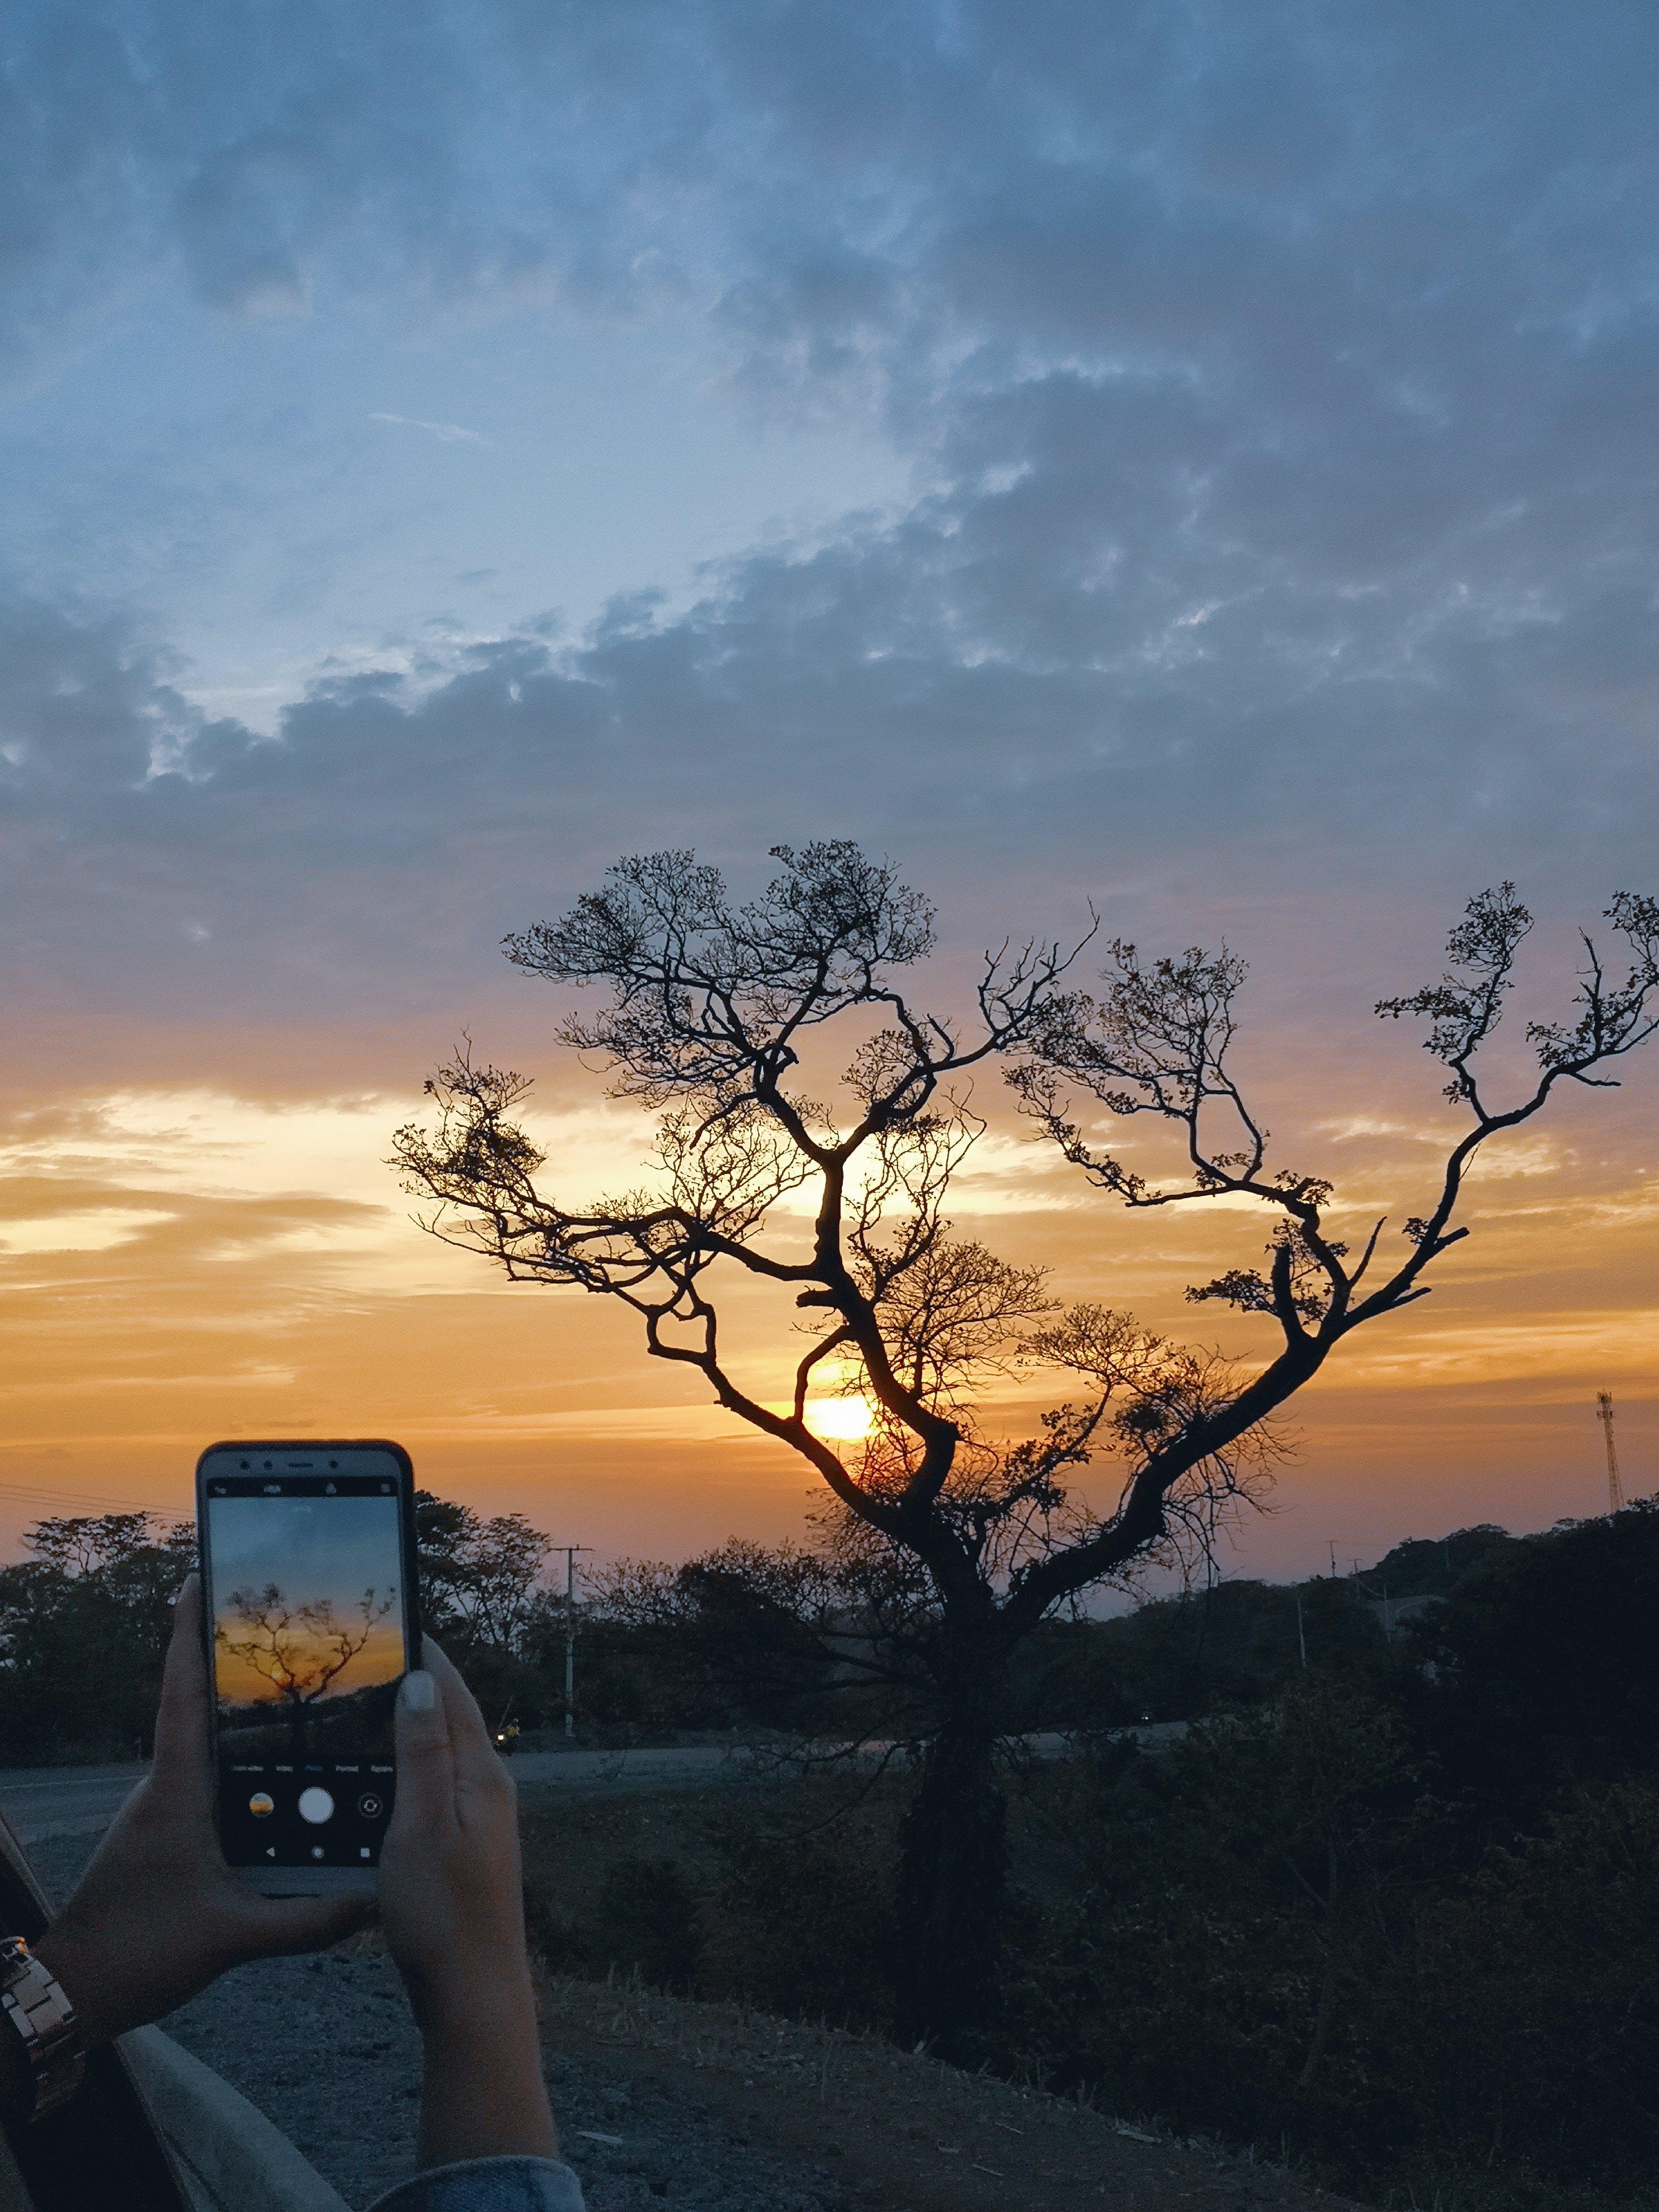 Kostnadsfri bild av # huaweip20, #flicka, #fotografi, #mobilechallenge